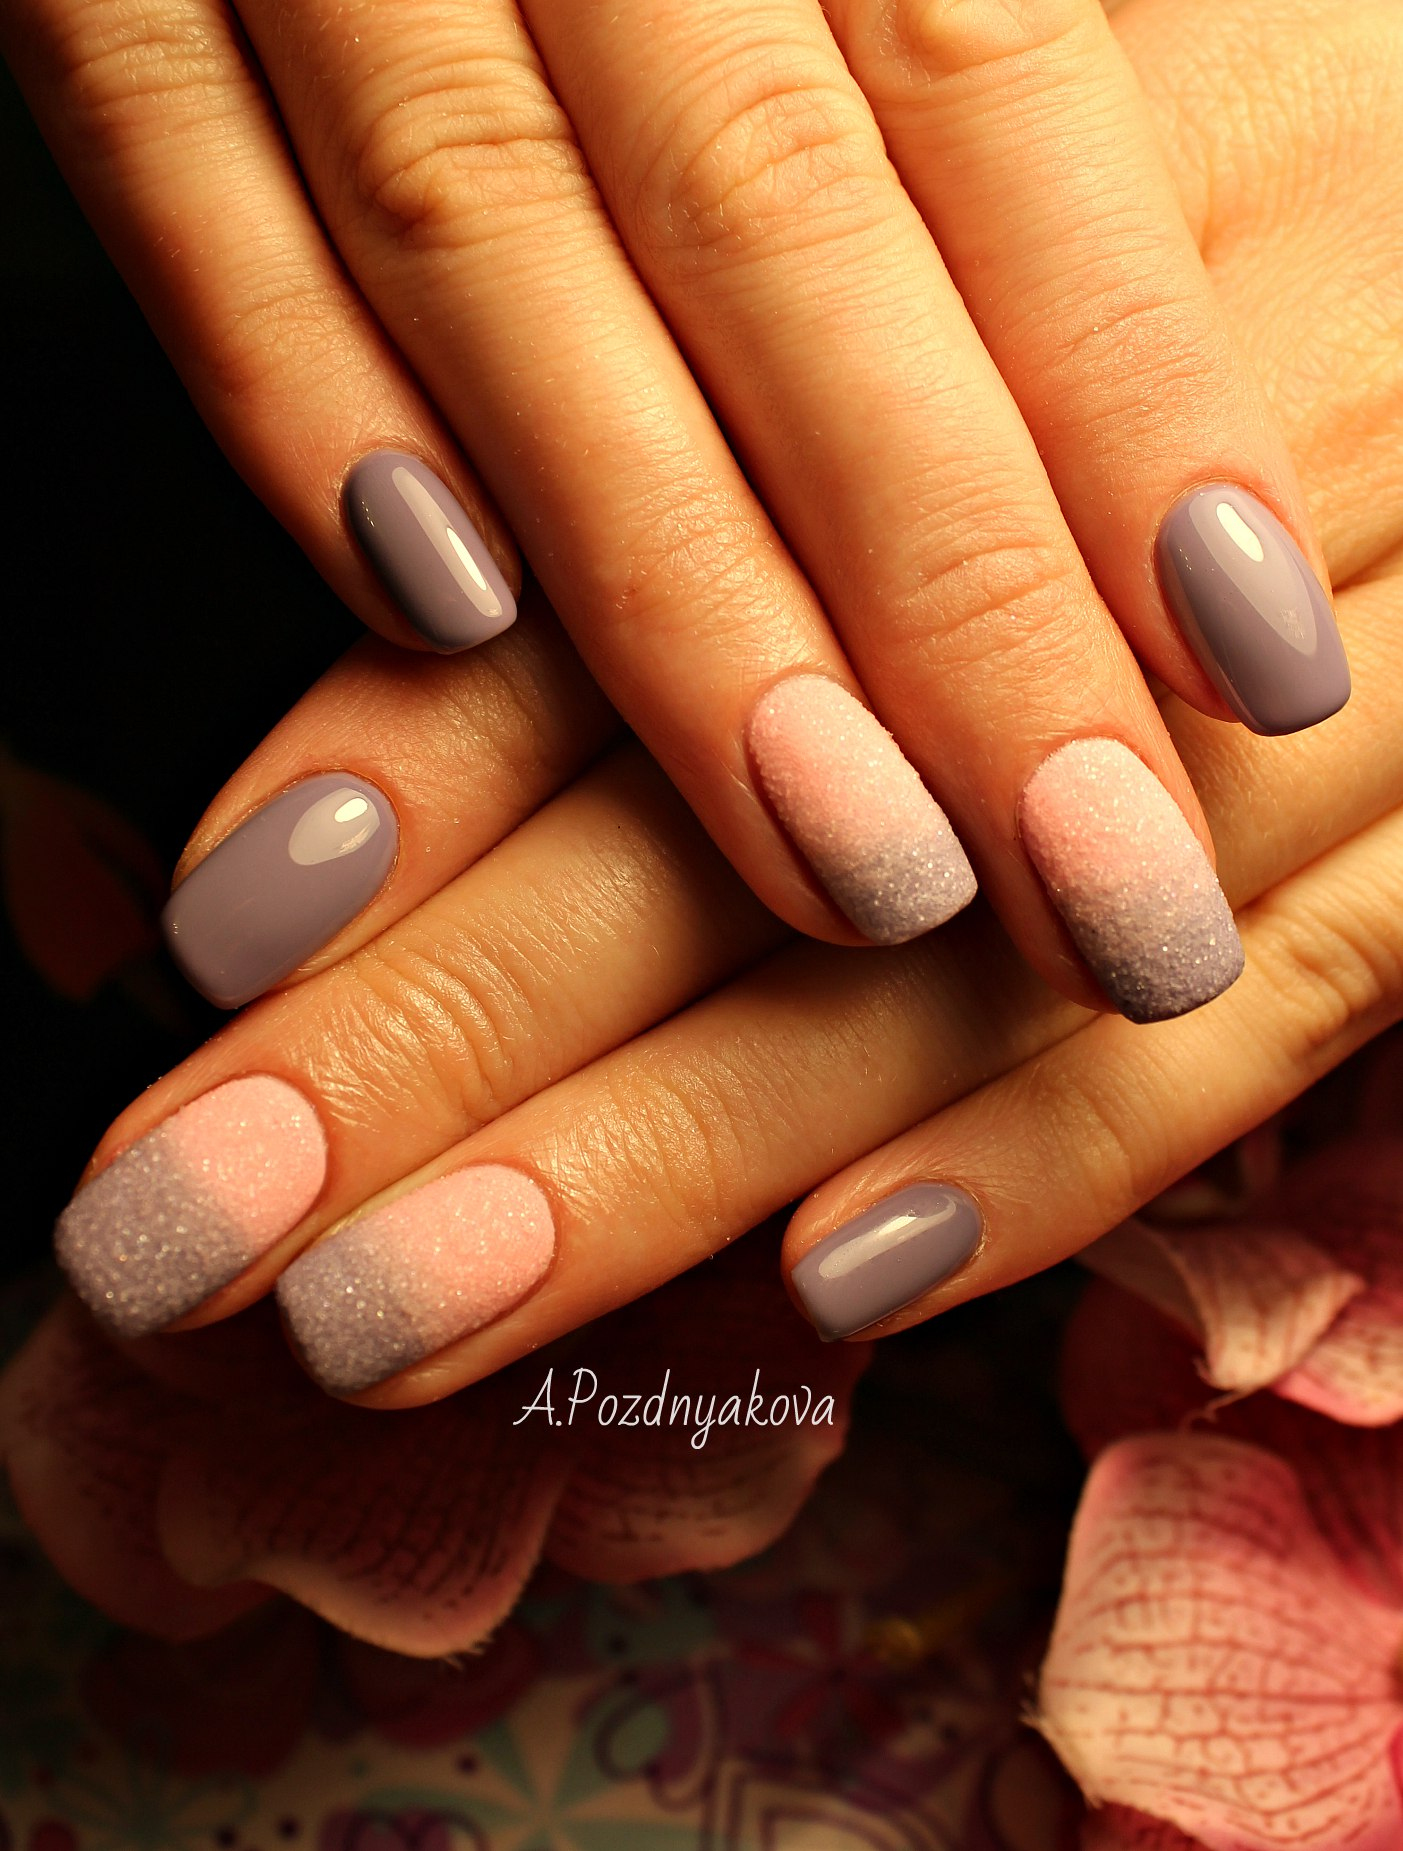 Фото длинные ногти квадратной формы